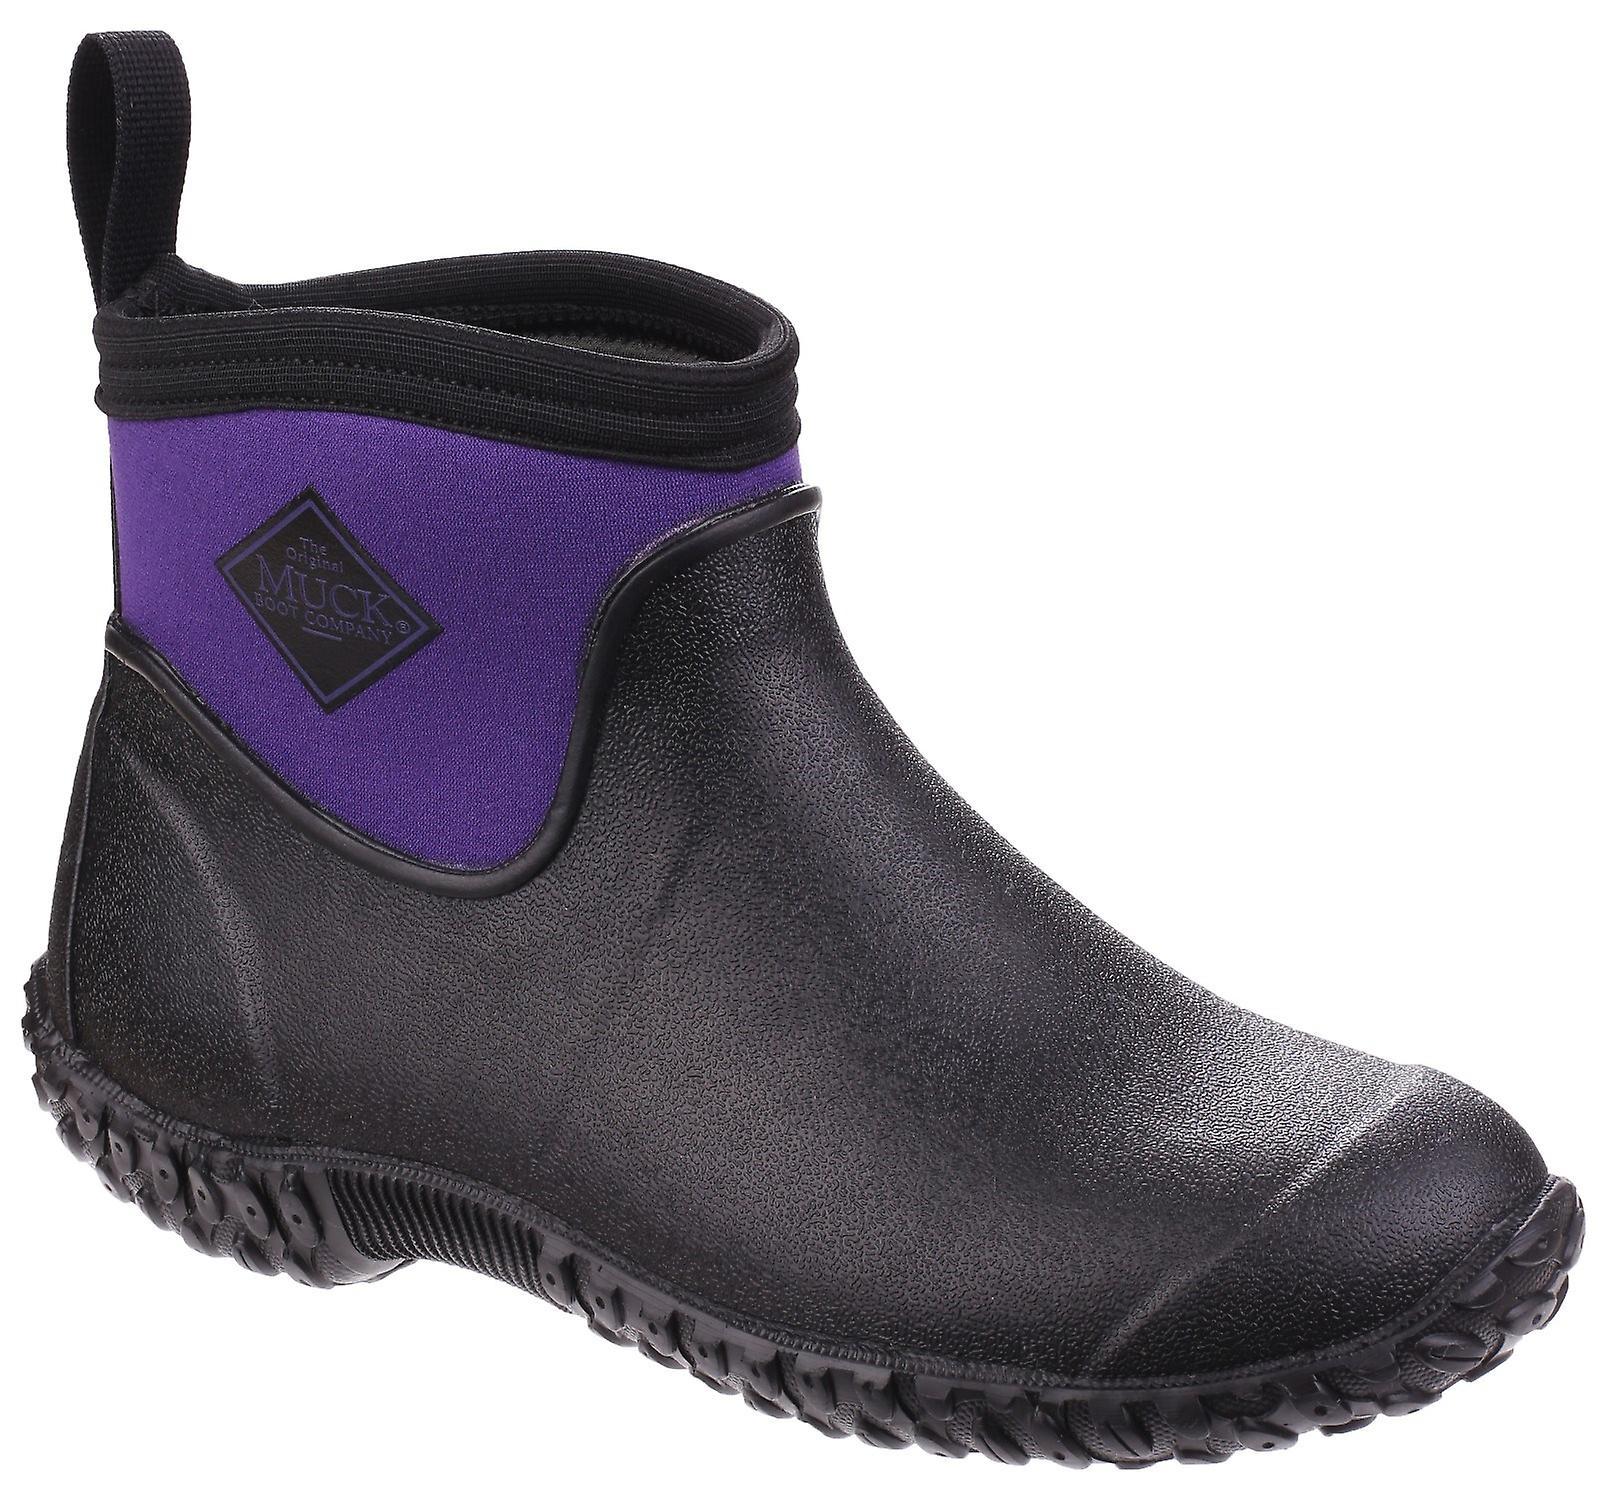 Muck Boots Muckster II Knöchel alle Zweck leichter Schuh